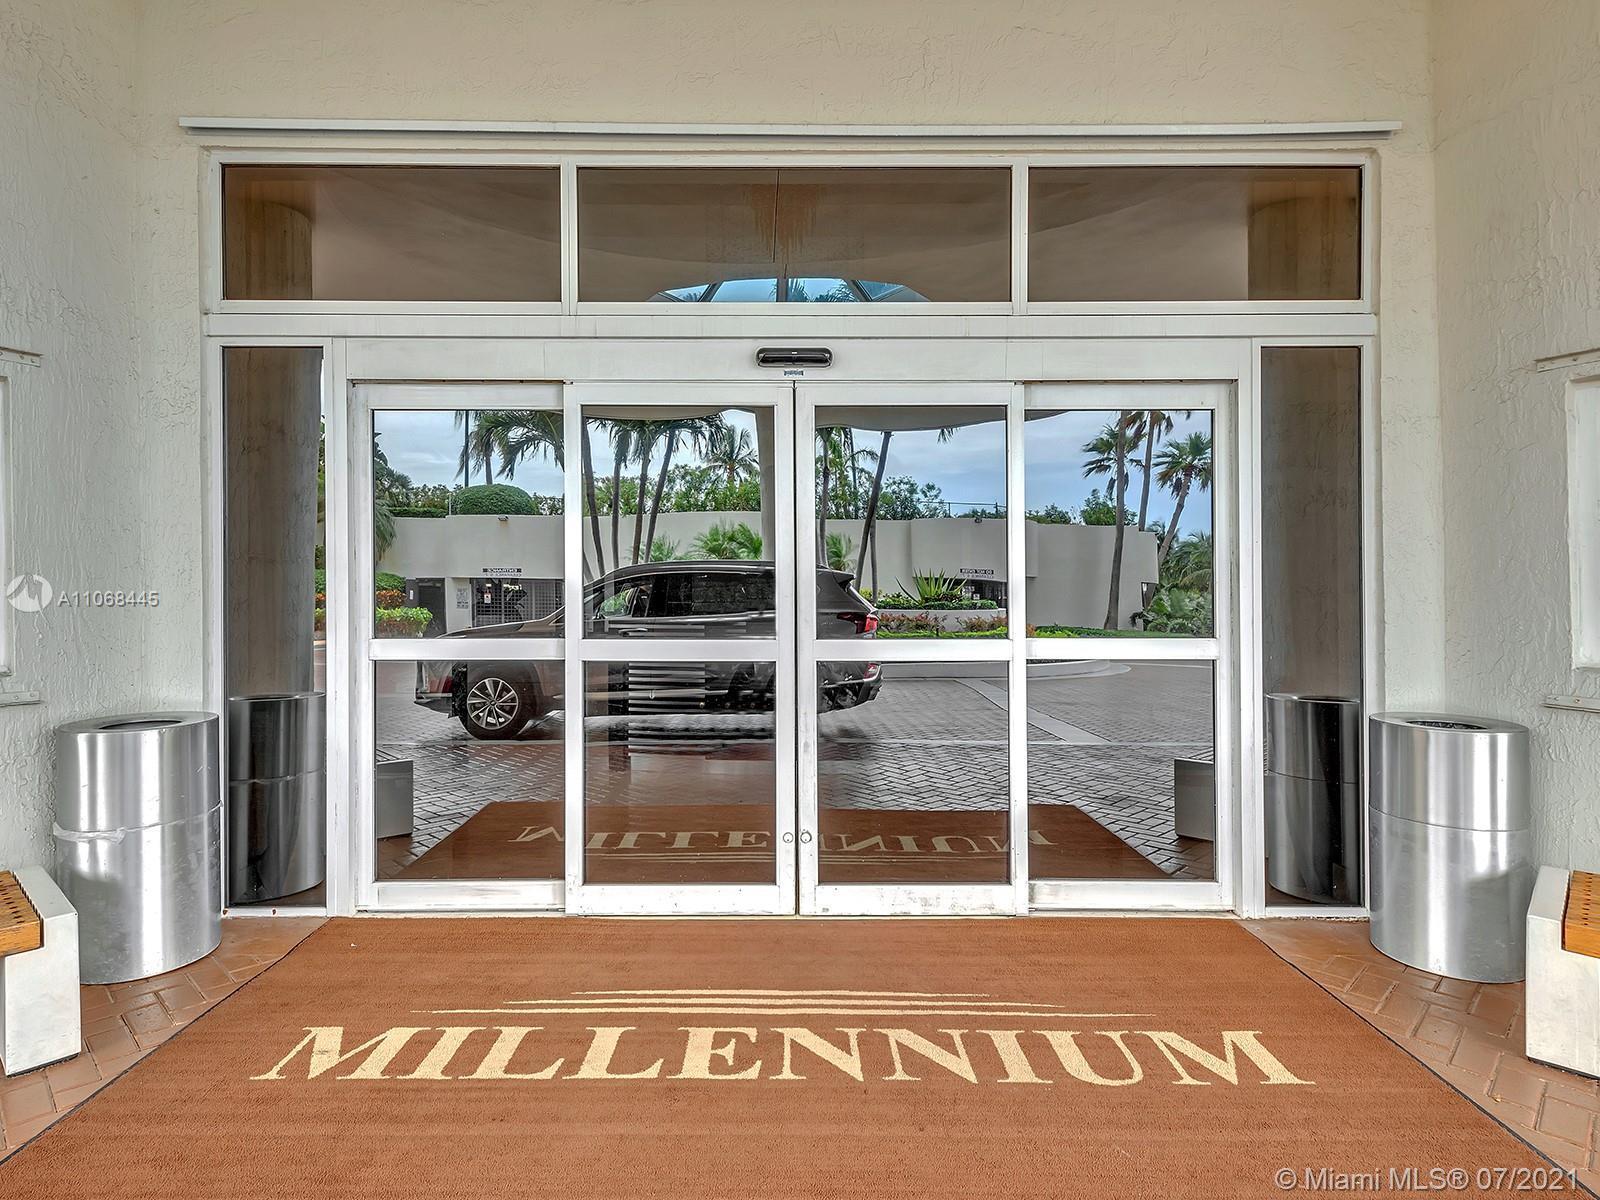 Millennium - Condos for sale